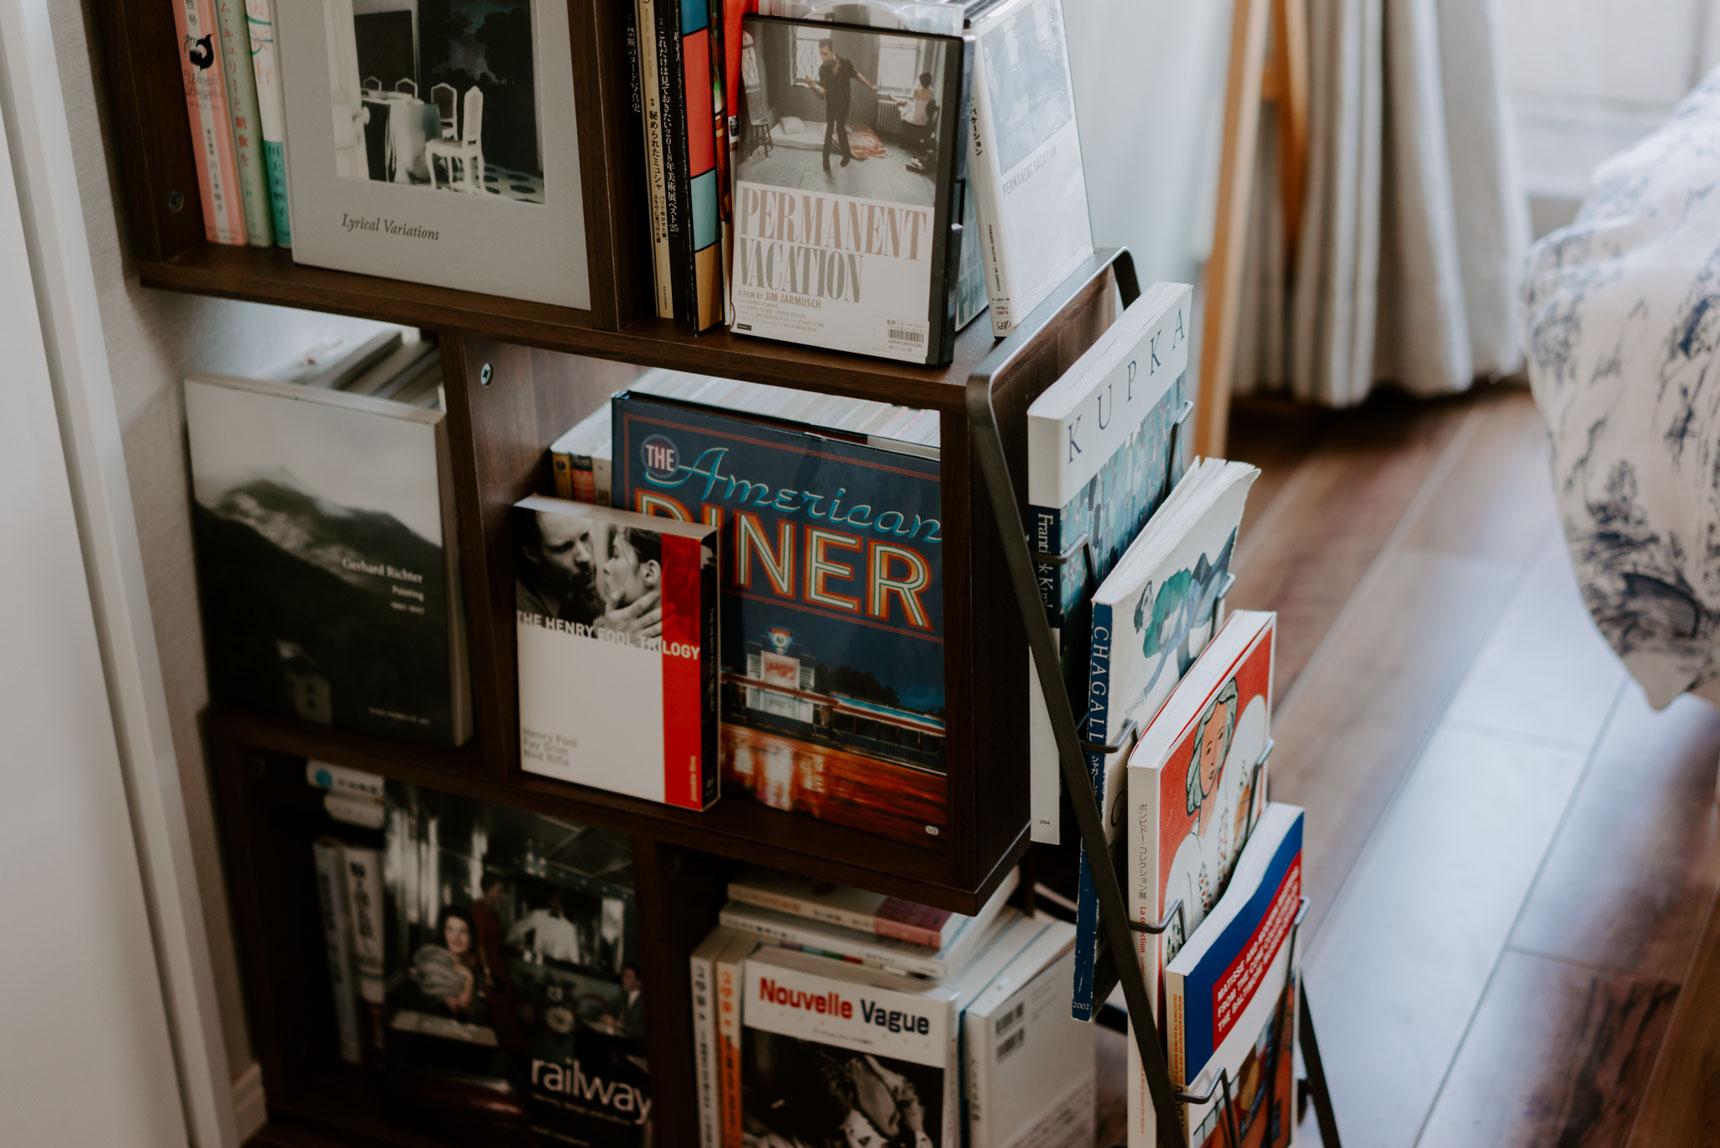 本棚の置き場に困っていた時、ネットで見つけた「縦にも横にも置ける棚」が救世主に。壁に沿っておくのではなく、間仕切りのように使うことで空間が有効活用できています。